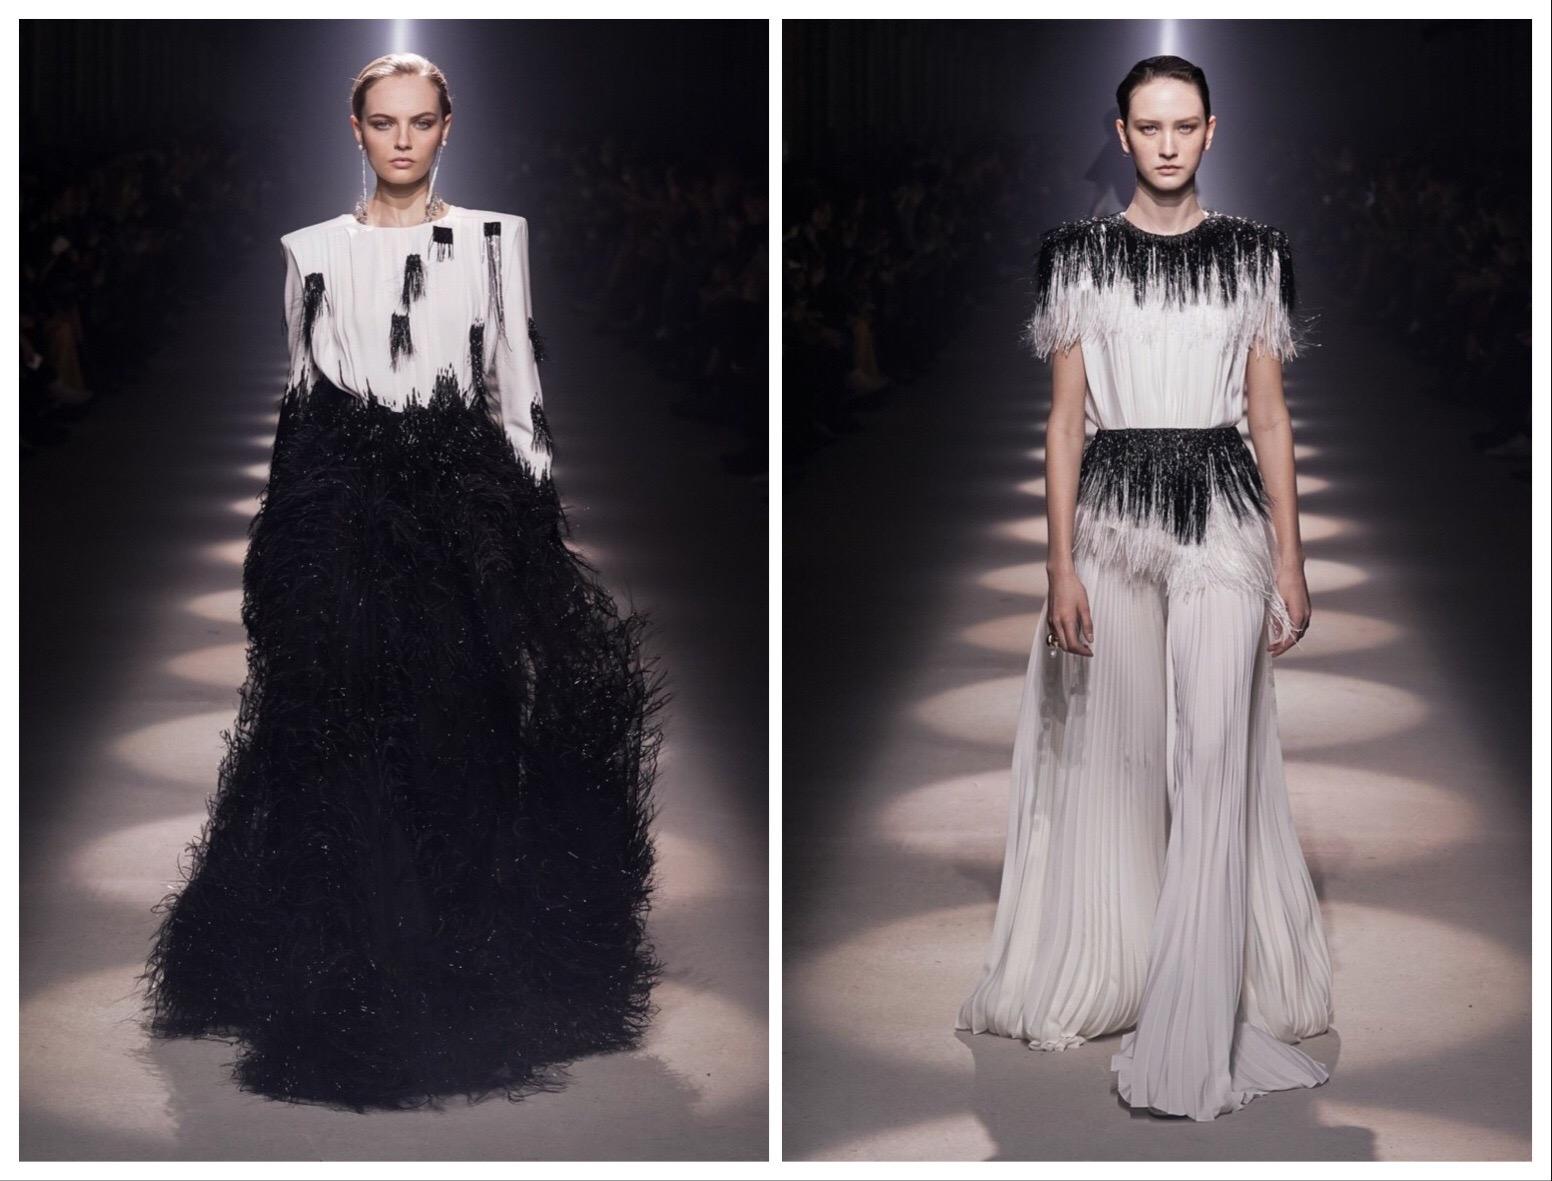 Глубина и сила женщины в новой коллекции Givenchy (ФОТО) - фото №9